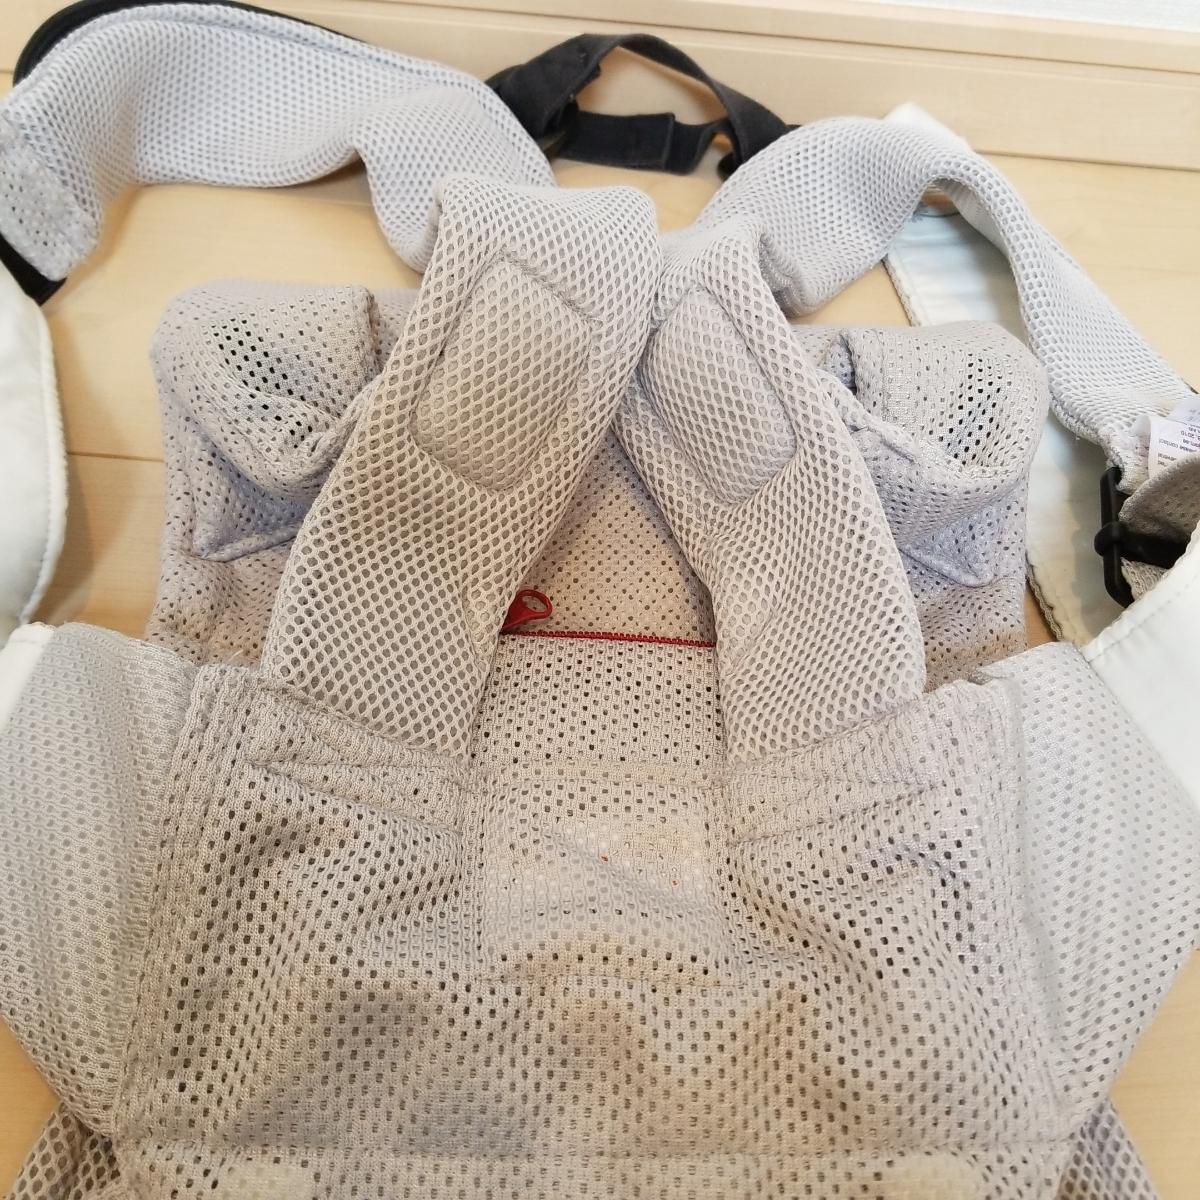 美品 ベビービョルン ベビーキャリア ONE Air グレー メッシュ 抱っこ紐 ワン 新生児_画像6